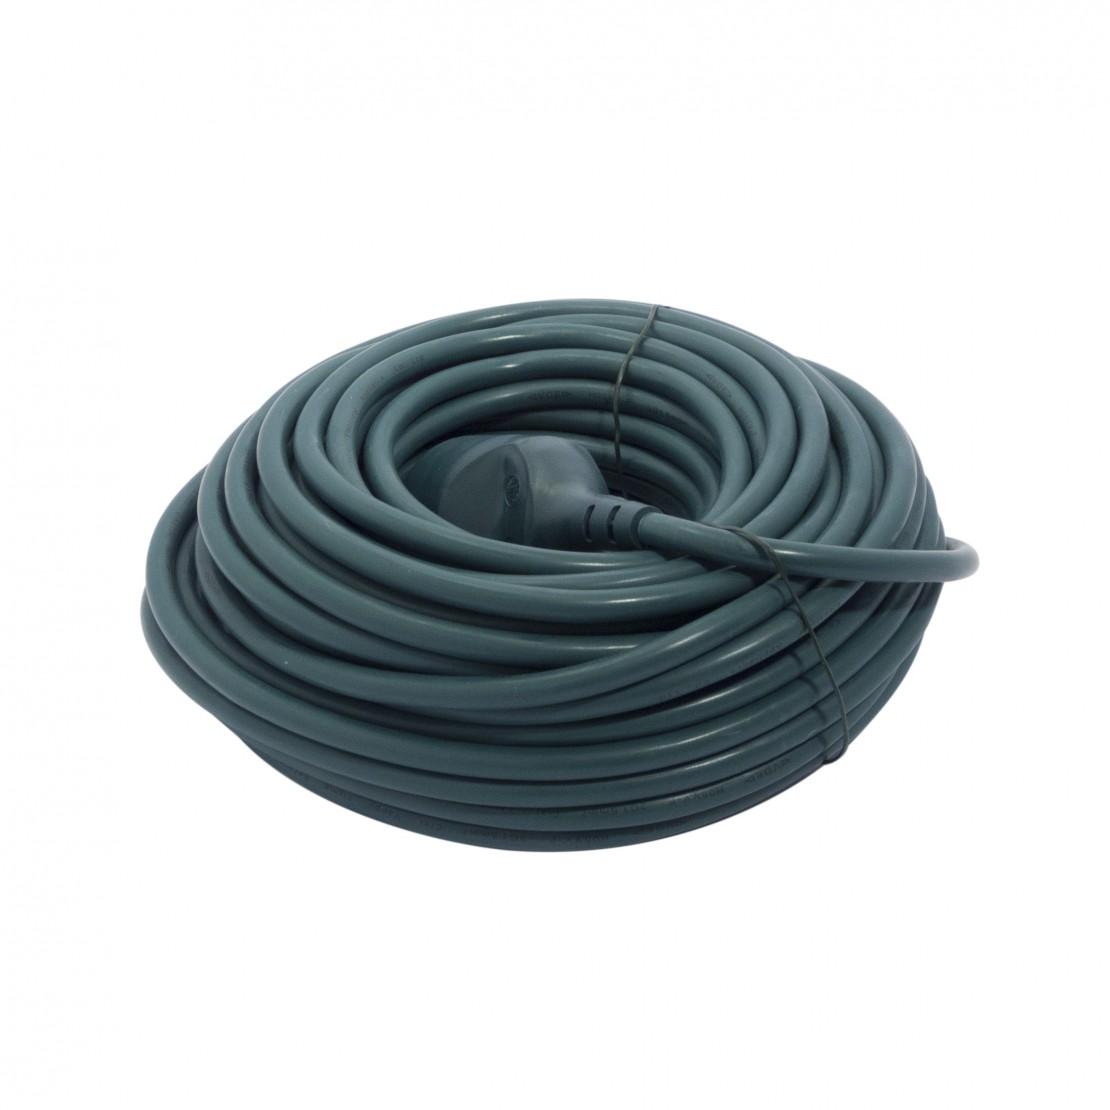 Verlengsnoer - HO5VVF - 3 x 1,5mm2 - 20m- groen